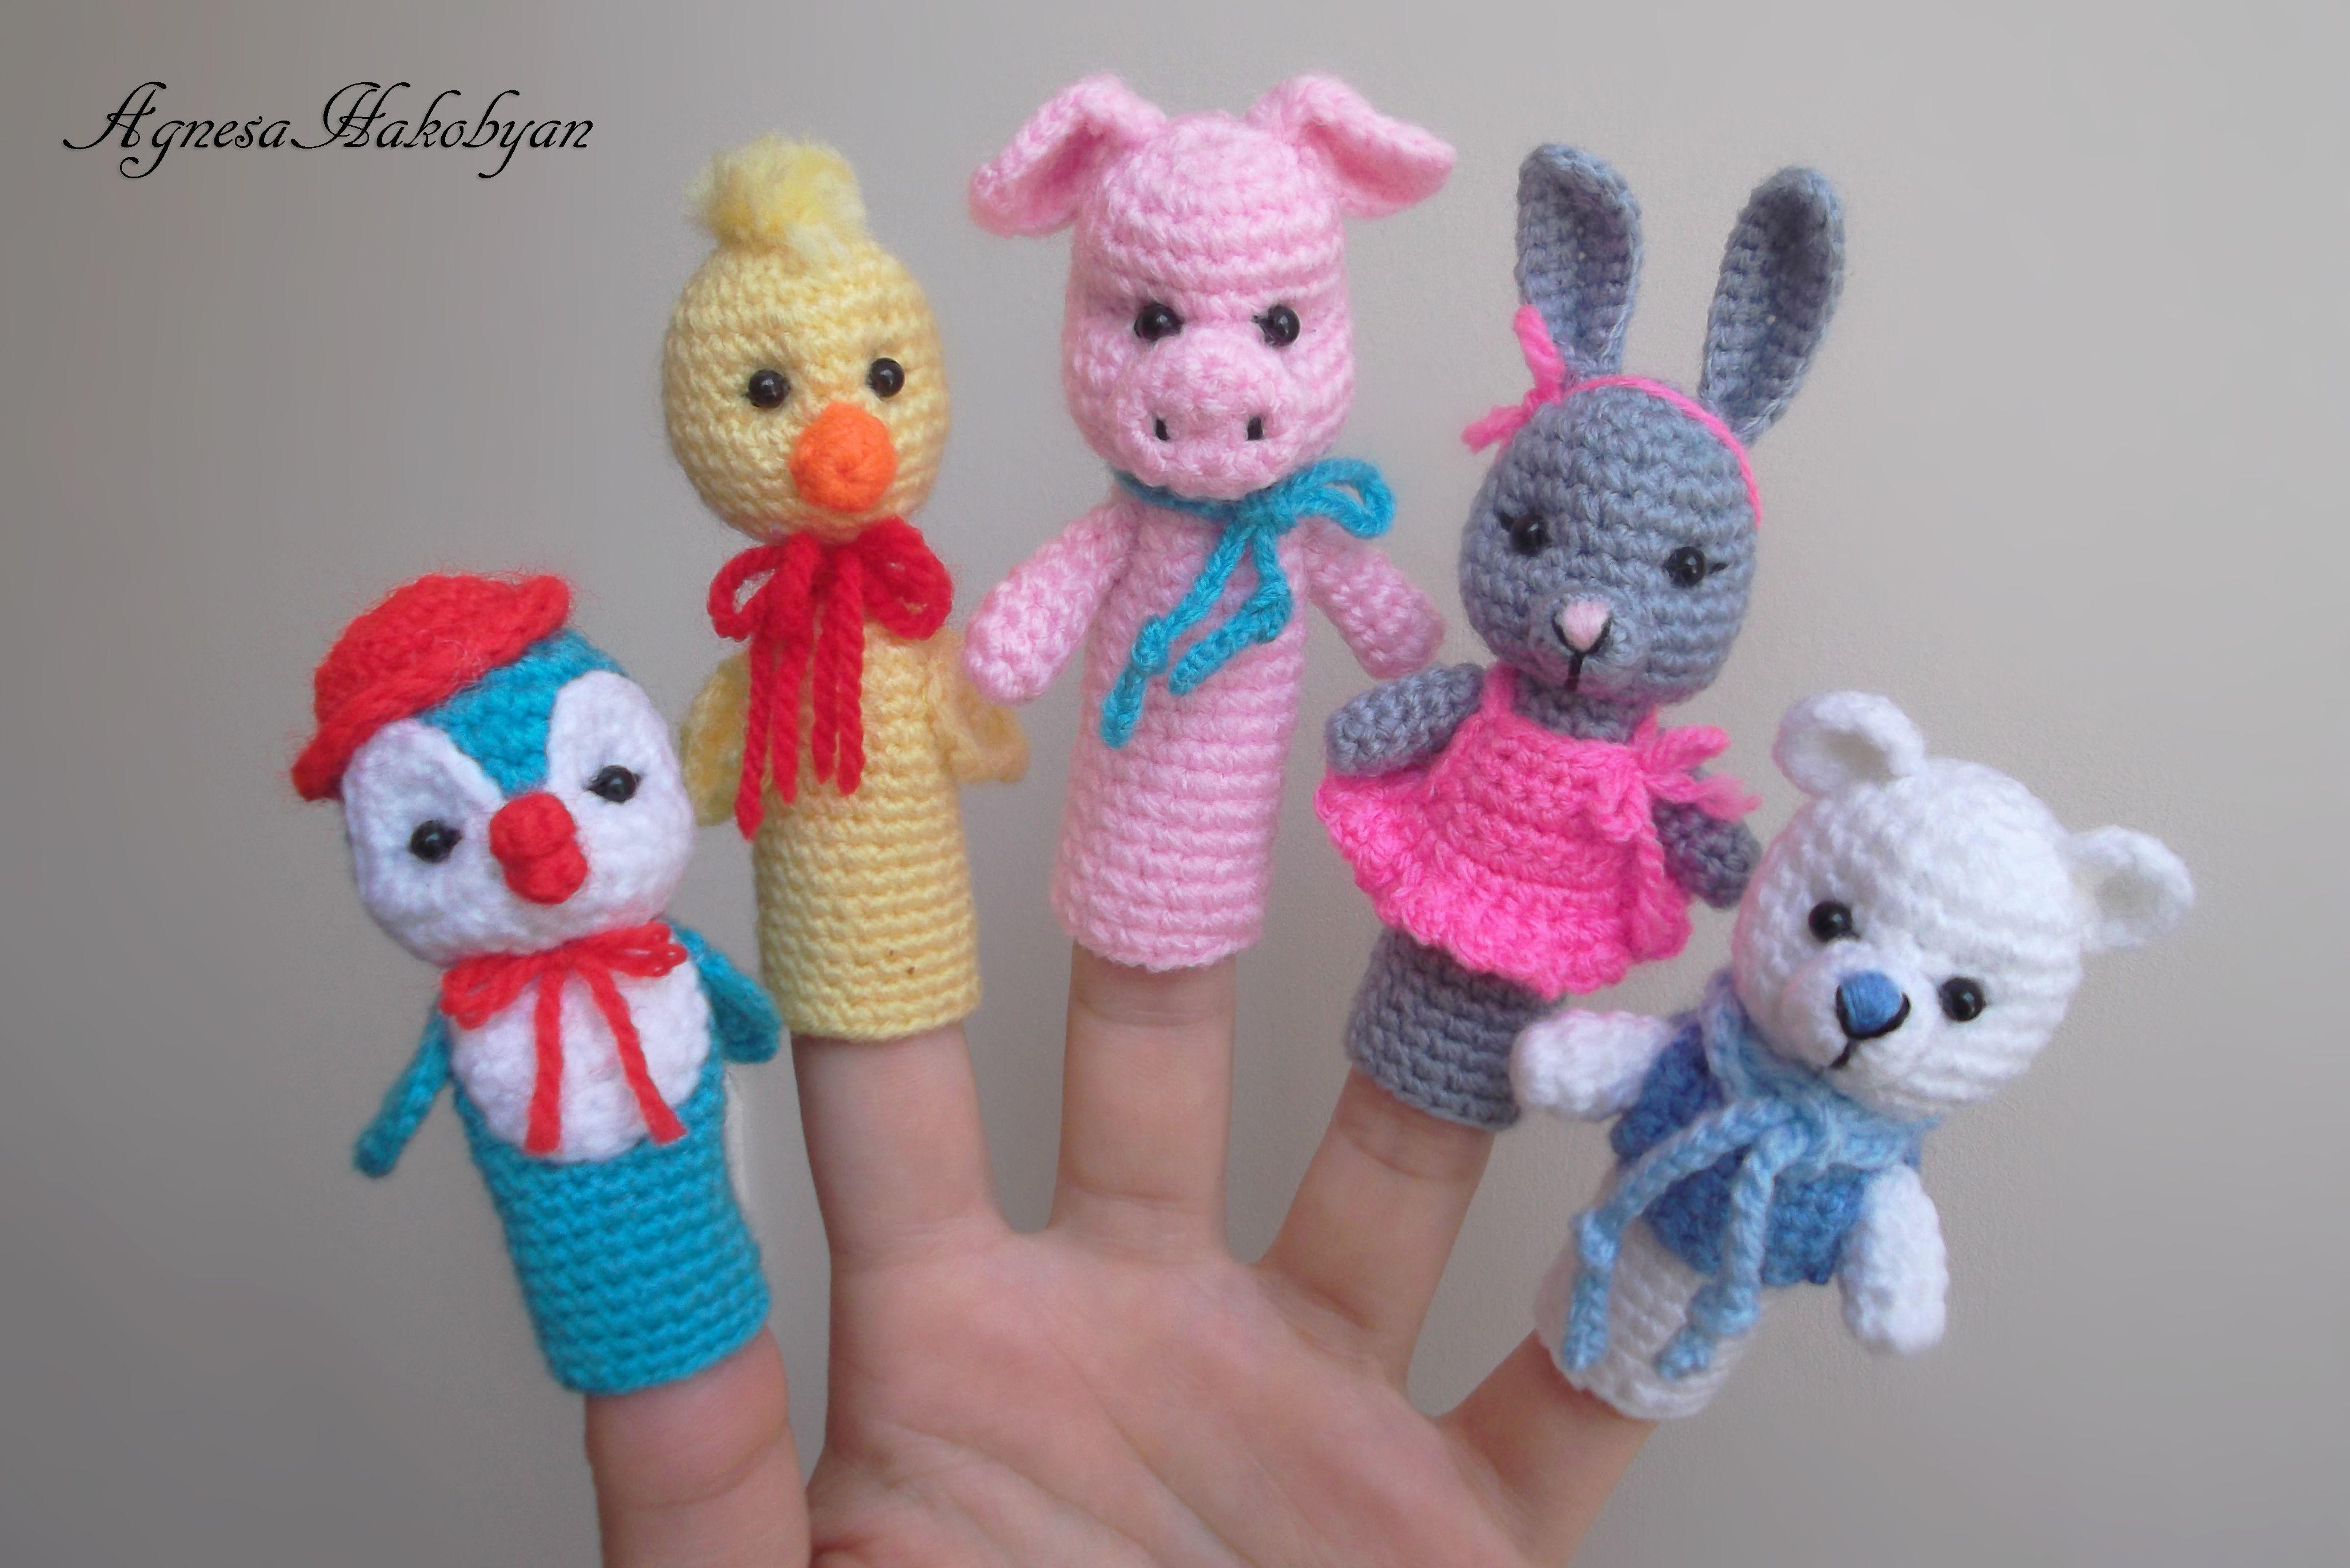 Crochet Finger Puppets | marionette | Pinterest | Marioneta, Tejido ...